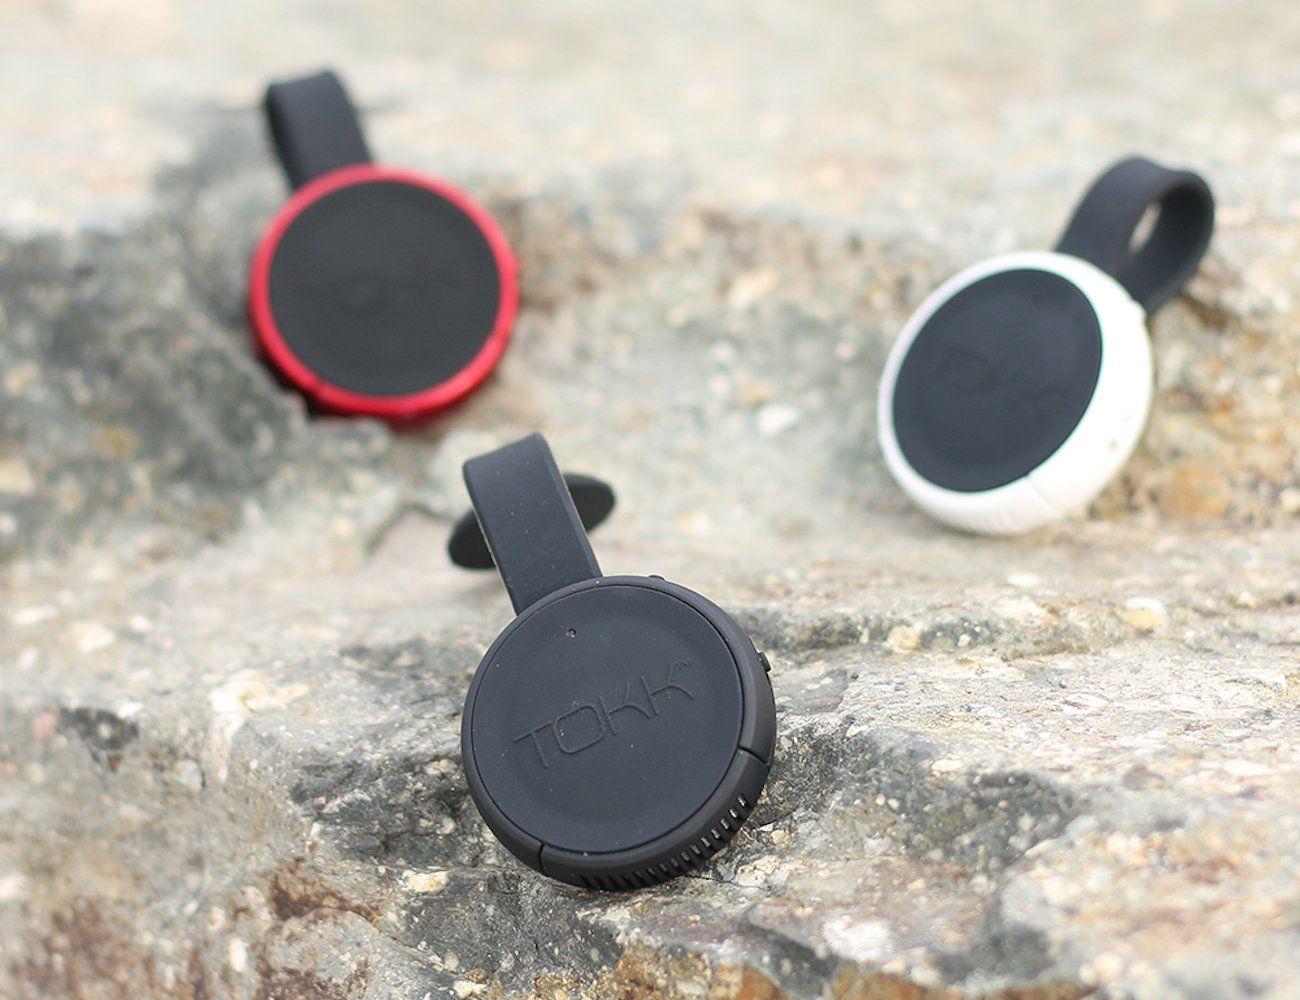 TOKK Smart Wearable Assistant | Wearable, Smart, Smart speaker